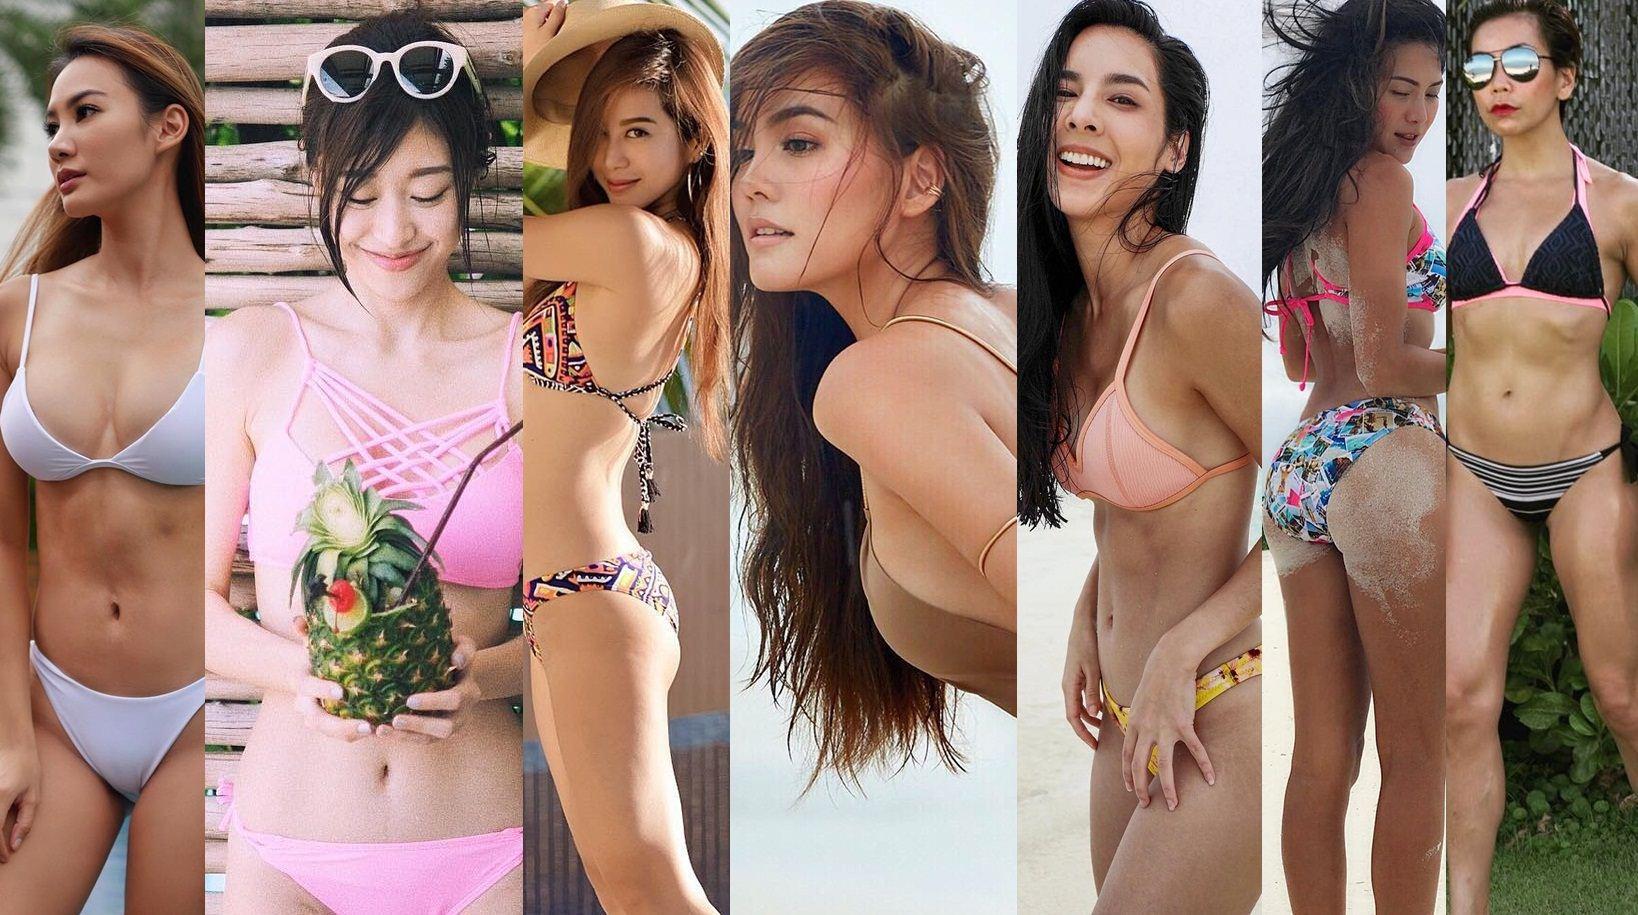 รวม 7 สาวชอบออกกำลังกายในชุดว่ายน้ำ  หุ่นดีได้ ไม่ต้องพึ่งยาลดความอ้วน